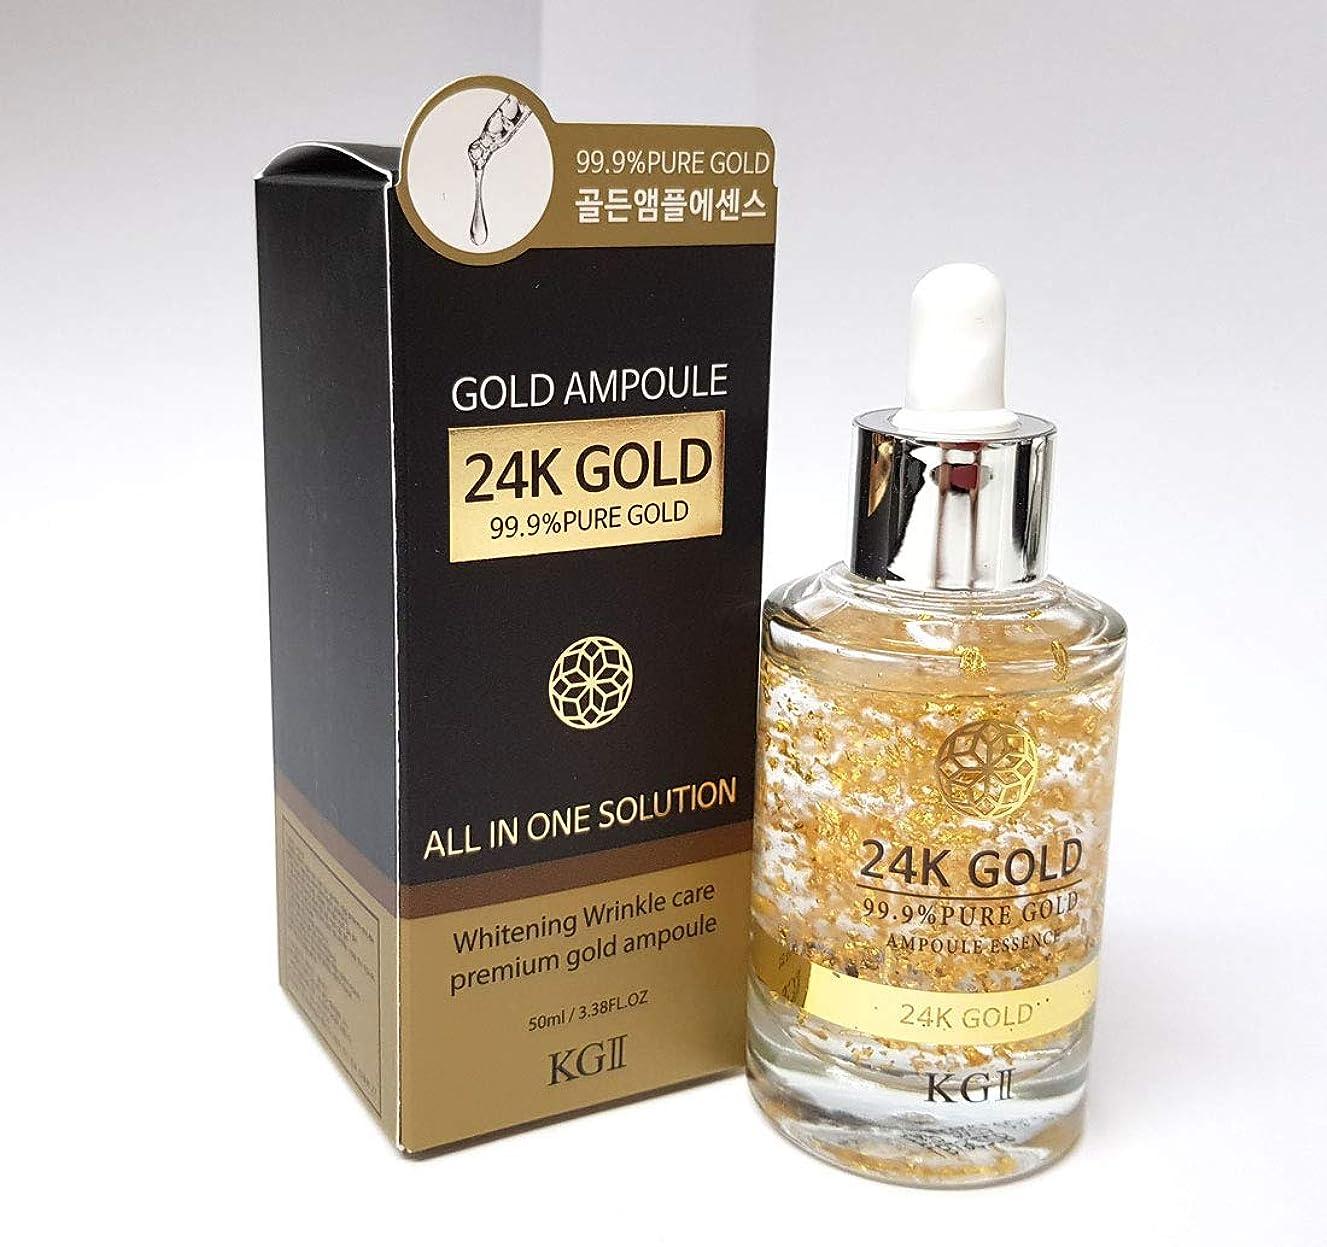 無一文セント処方[KG2] 24Kゴールドアンプルエッセンス50ml / 24K Gold Ampoule Essence 50ml / 99.9ピュアゴールド / 99.9Pure Gold/シワ&ホワイトニング/wrinkles & whitening/韓国化粧品/Korean Cosmetics [並行輸入品]